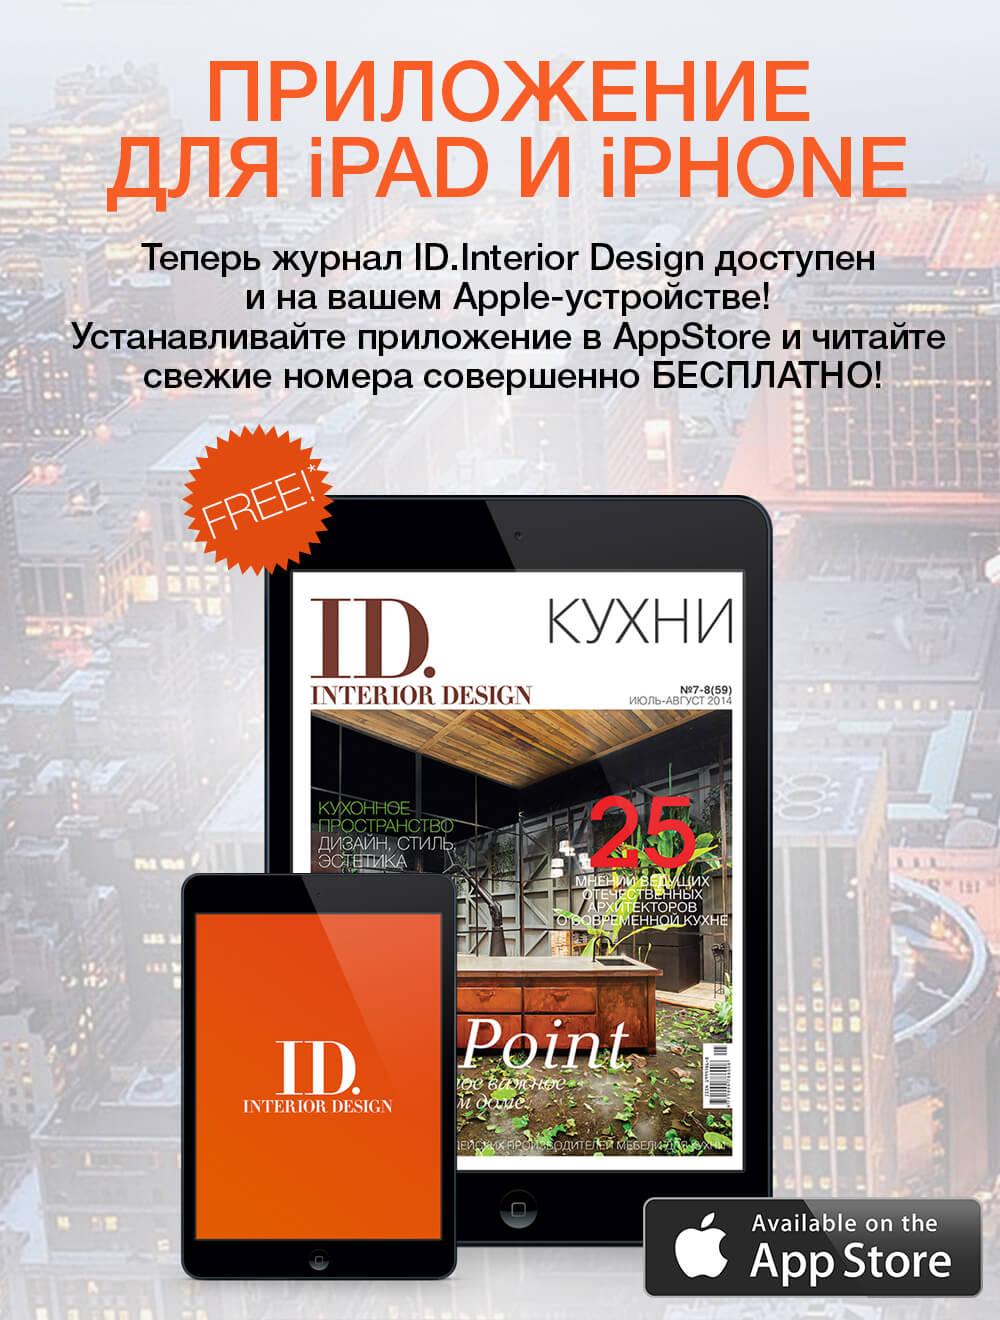 Версия для iPad